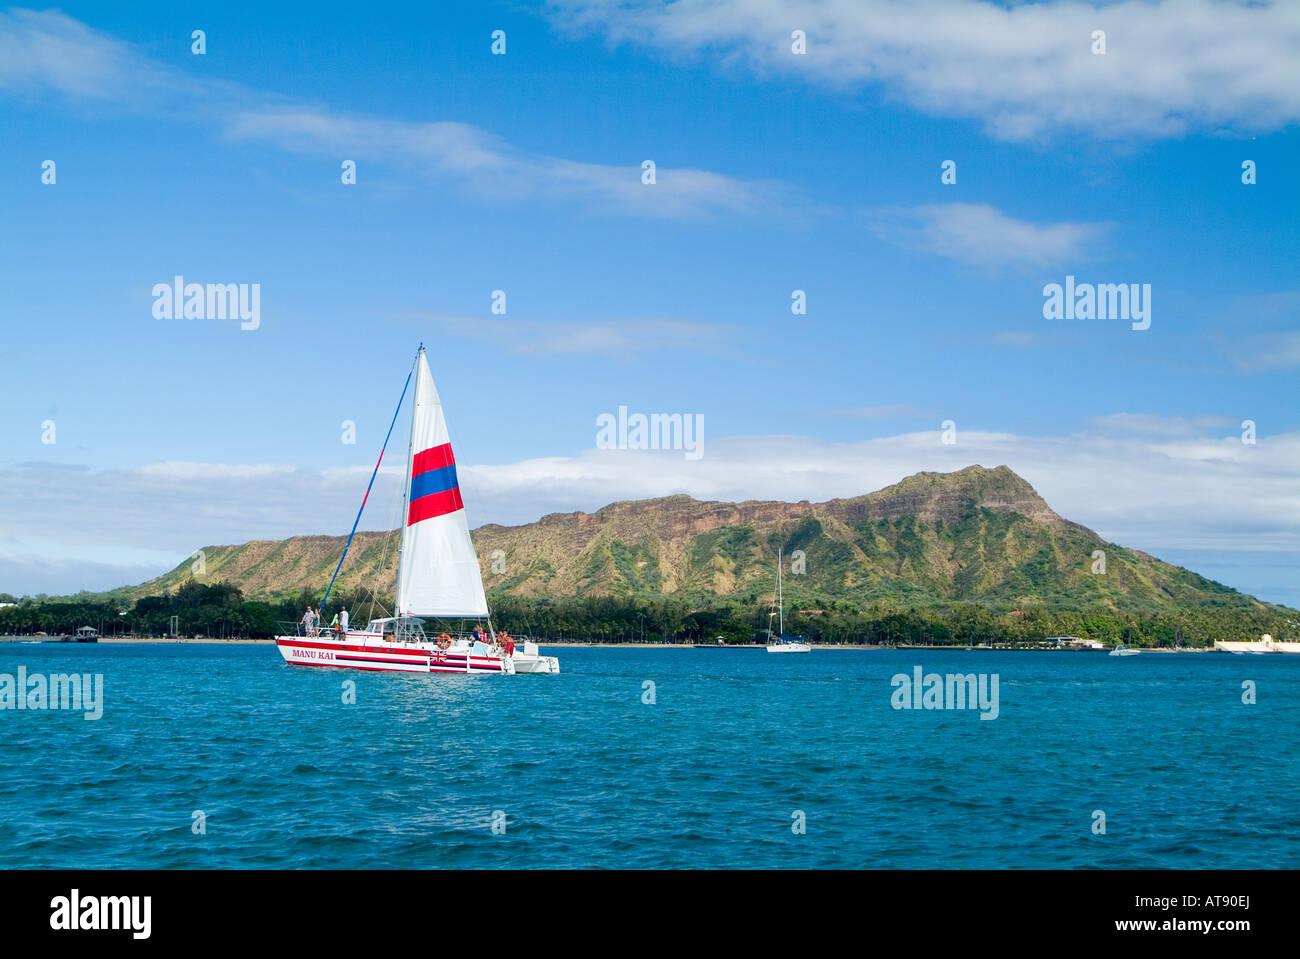 Un catamarán corta una ruta en el agua azul claro en la parte delantera de la cabeza de diamante, Foto de stock